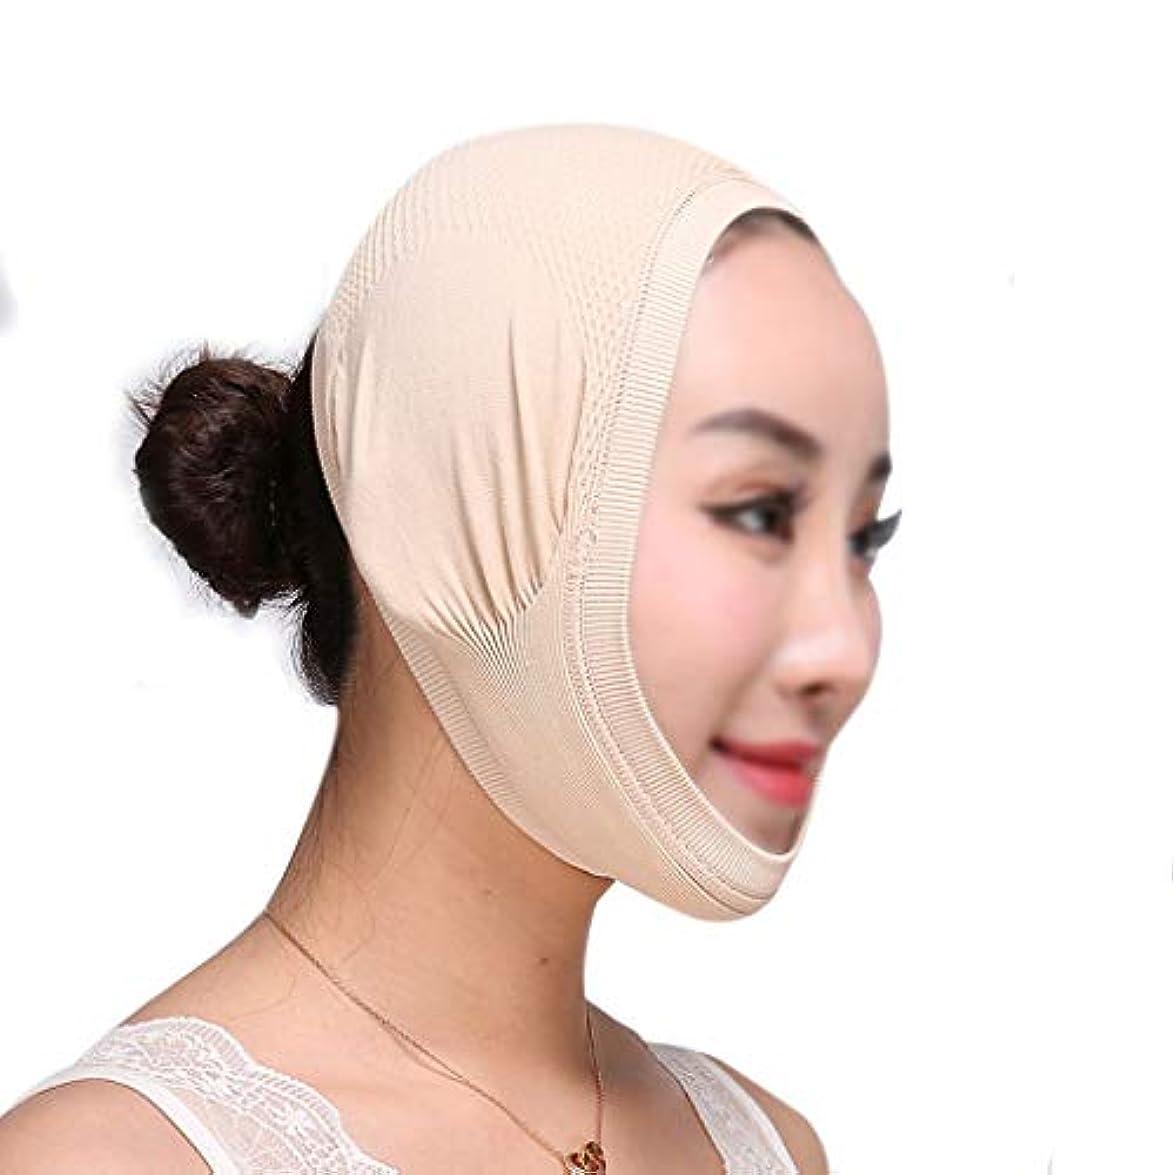 ジョージスティーブンソン酔った消費者MLX V顔リフティング包帯薄いフェイスマスクを眠っている整形手術病院ライン彫刻術後回復ヘッドギア医療マスク (Color : Skin tone(B))